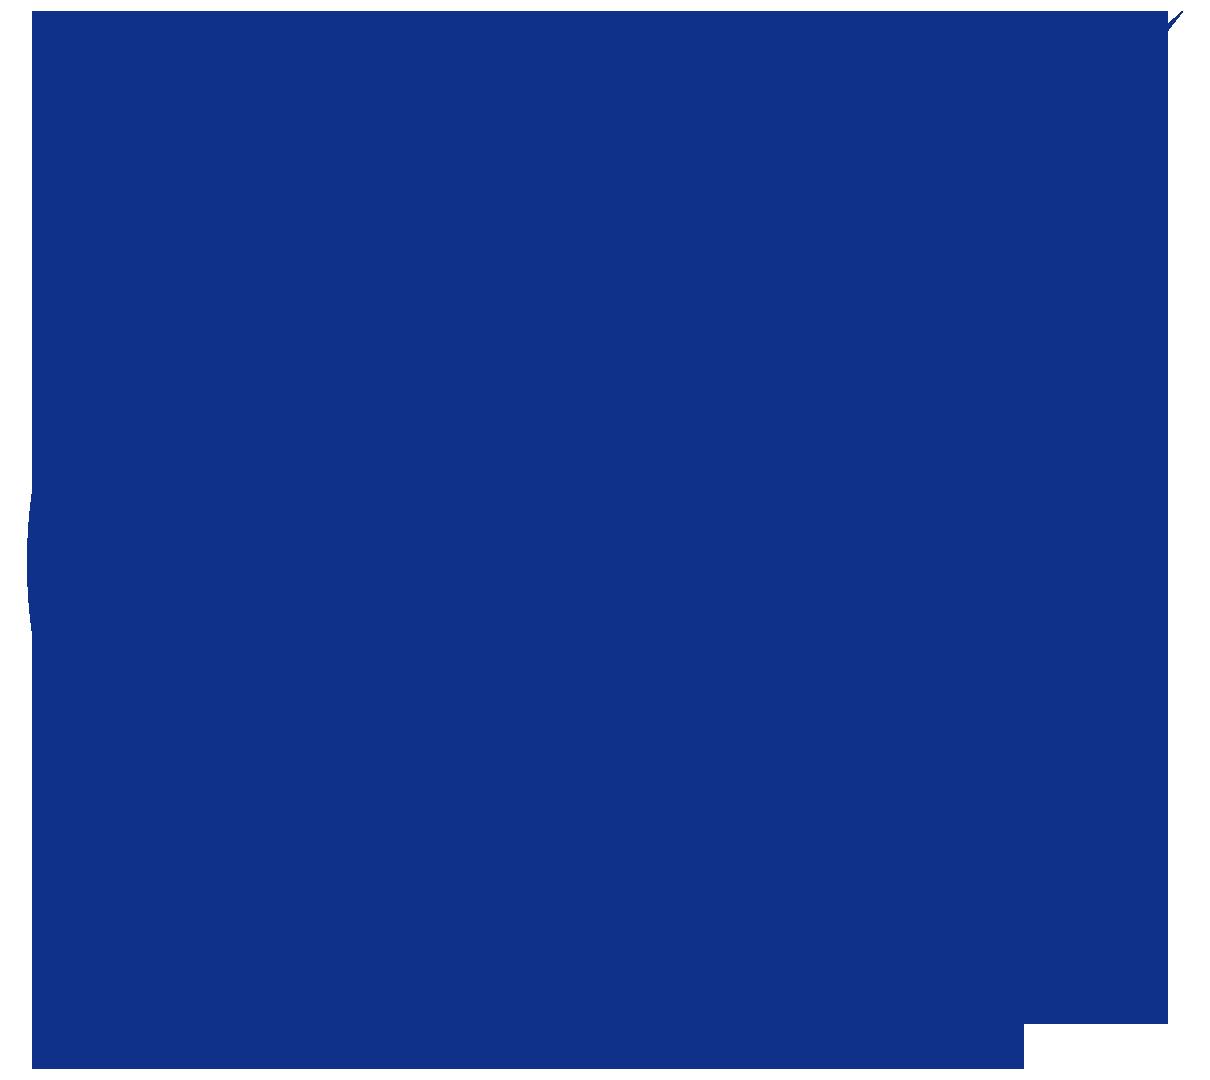 ウェブライダーロゴ